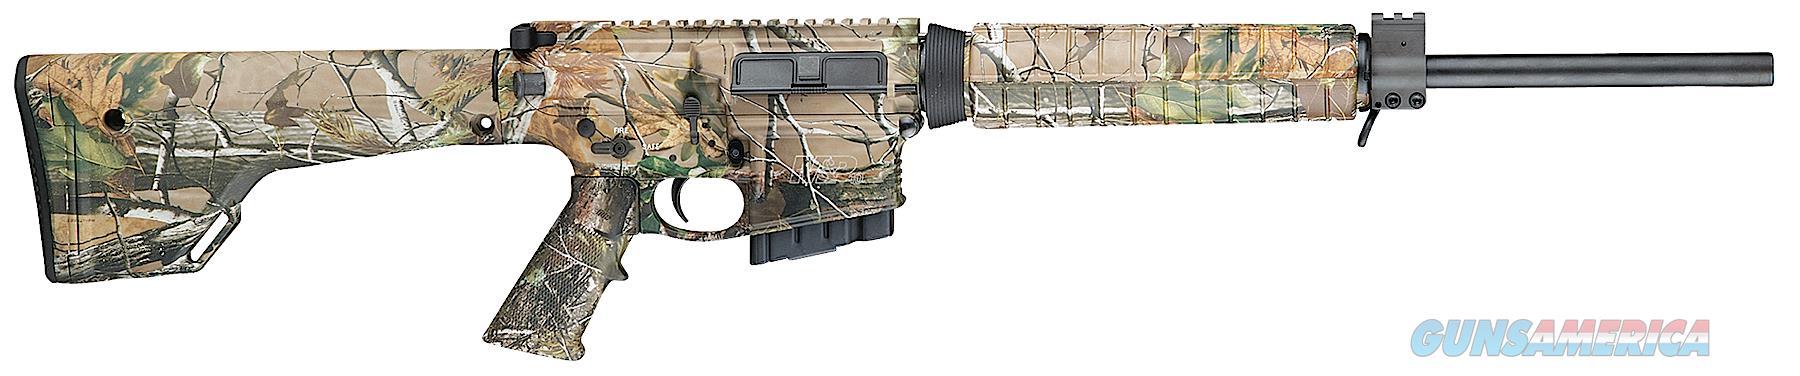 Smith & Wesson M&p10, Swl M&p10       811312  308 18  Camo  *md-nj*   10  Guns > Pistols > 1911 Pistol Copies (non-Colt)